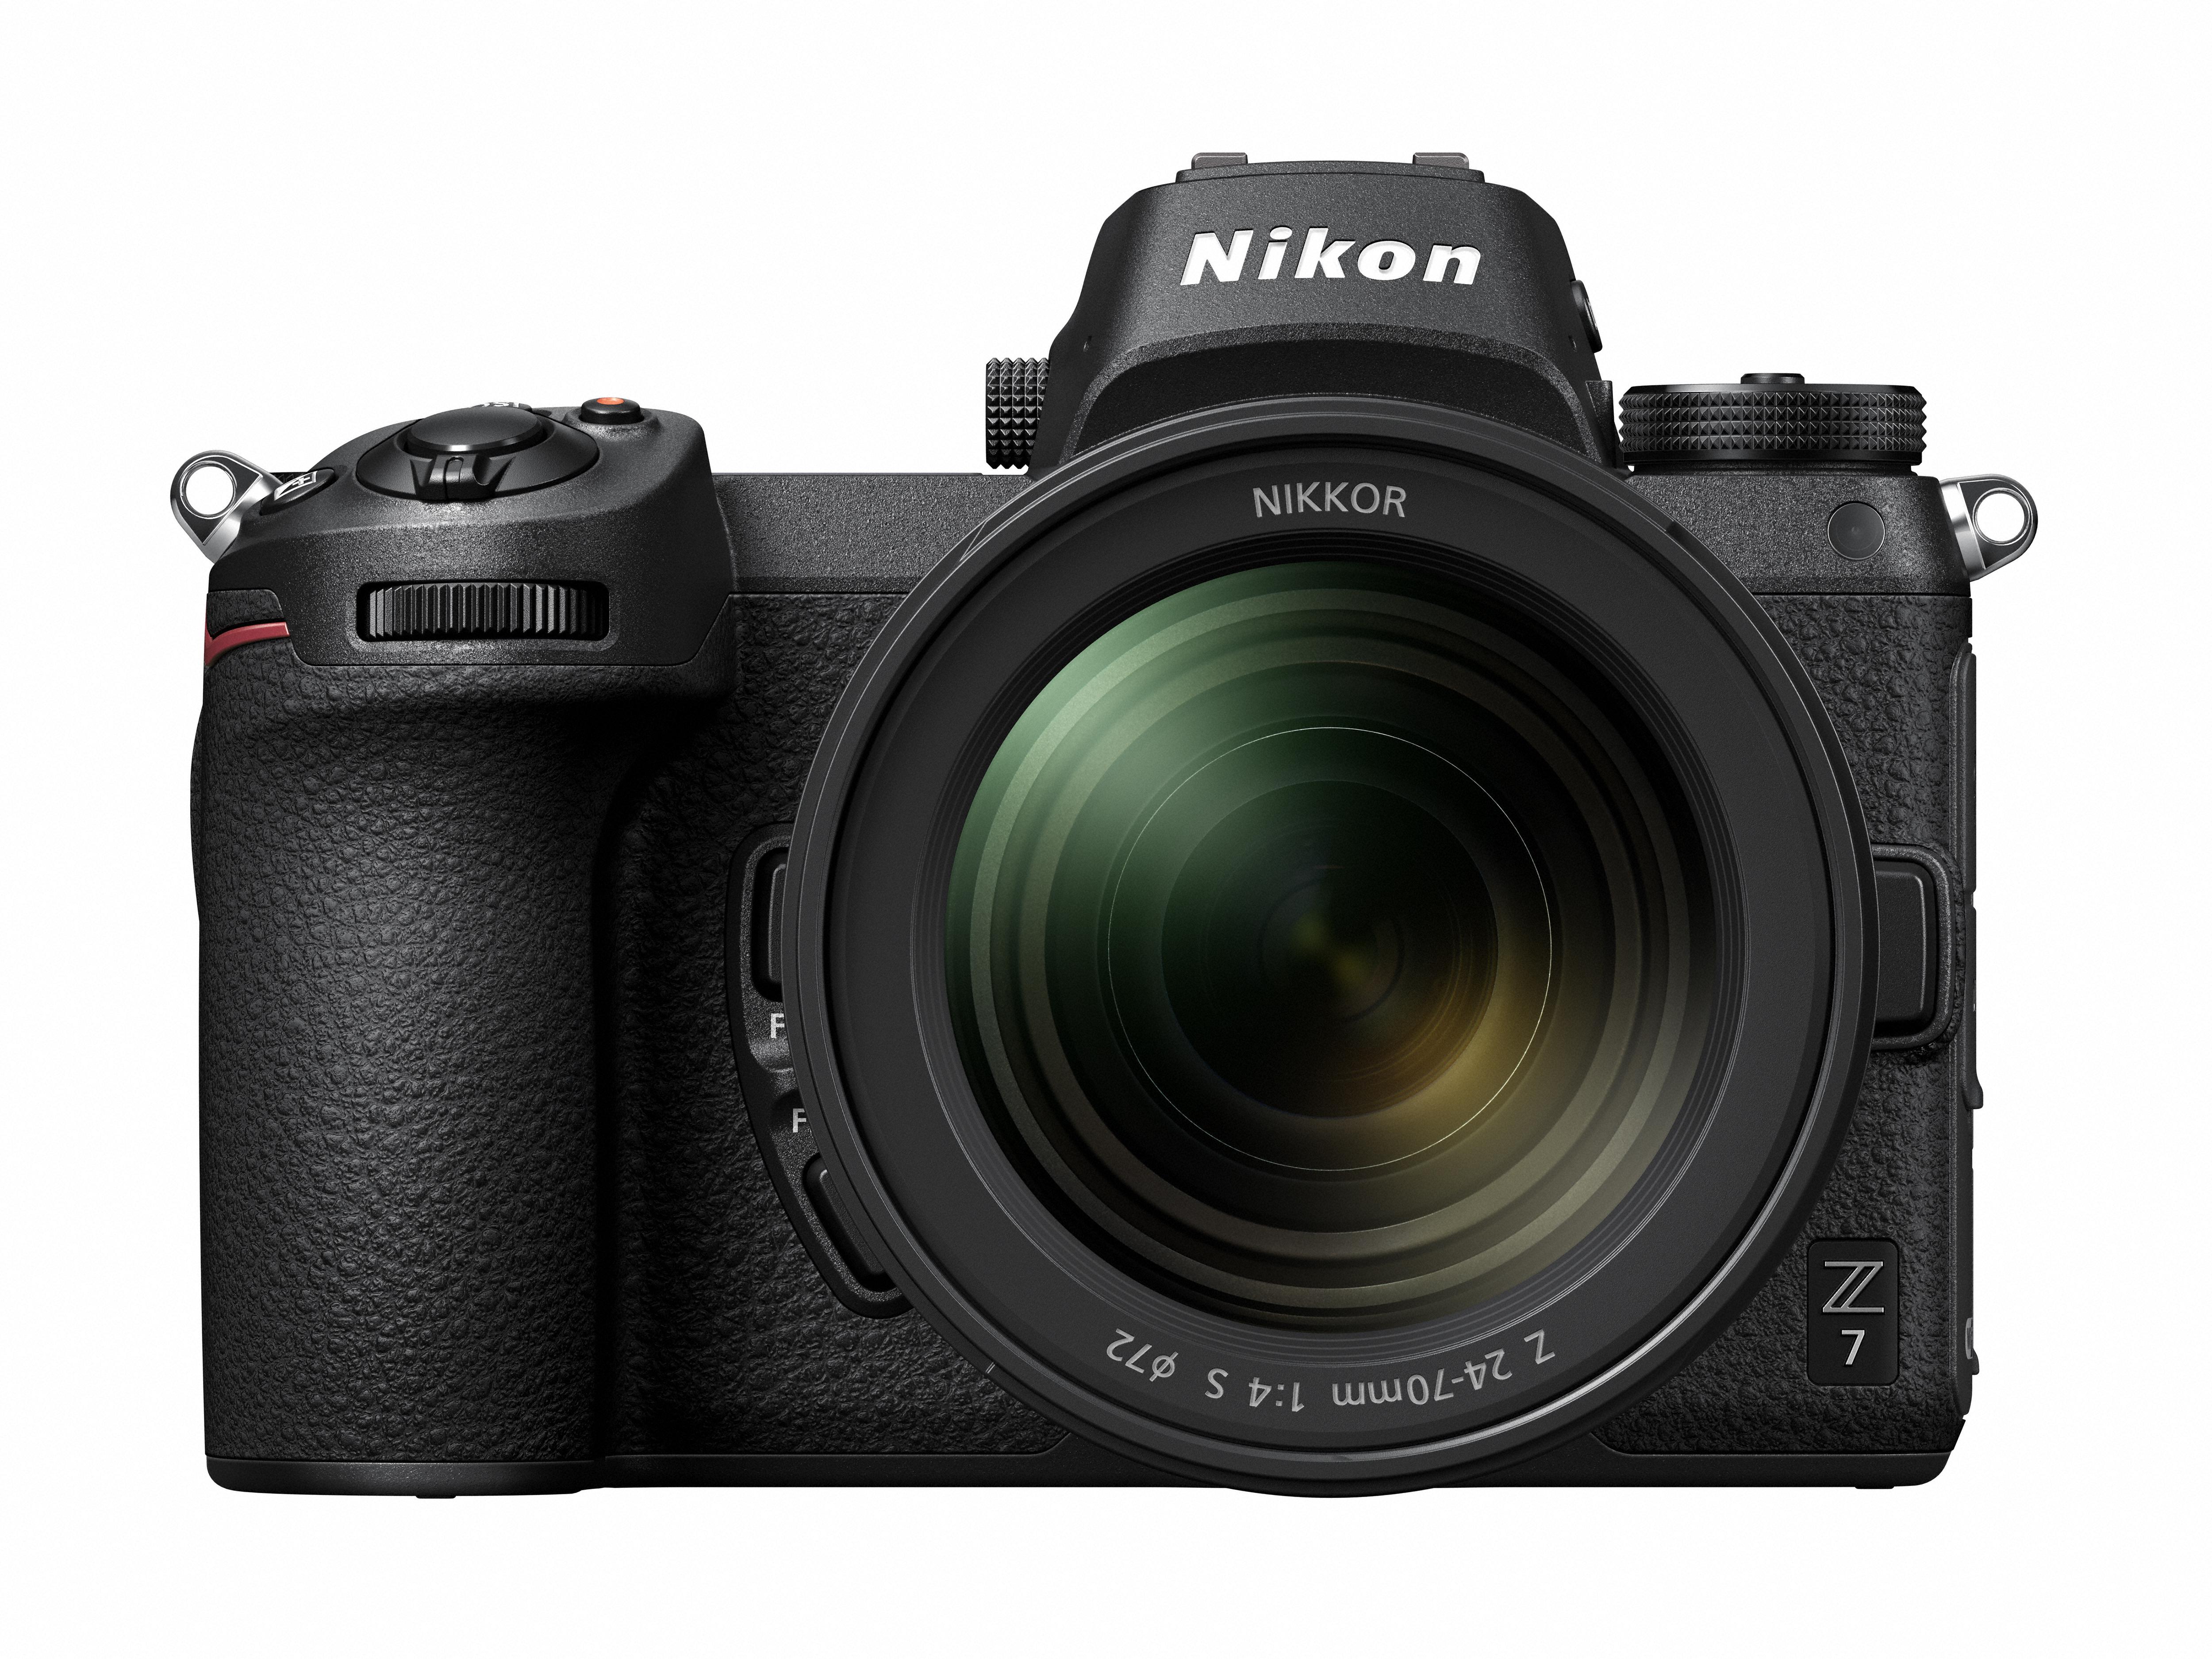 Abbildung Nikon Z7 von vorne